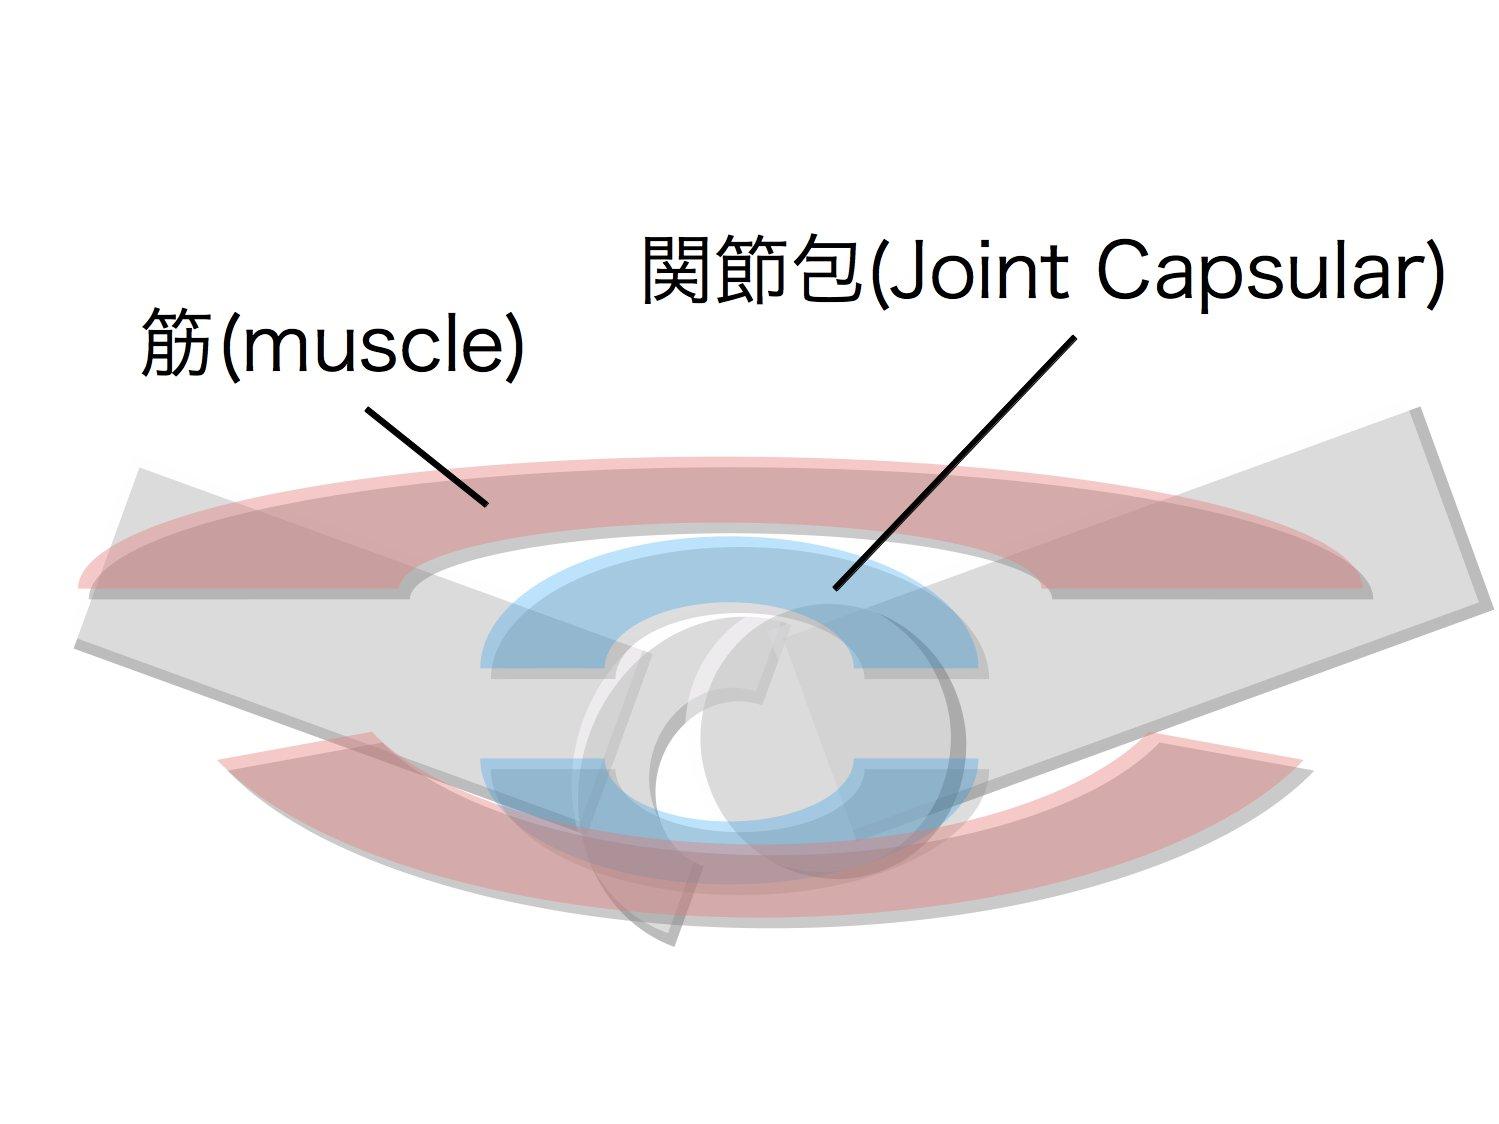 クリニカルリーズニング 脊椎・骨盤編1